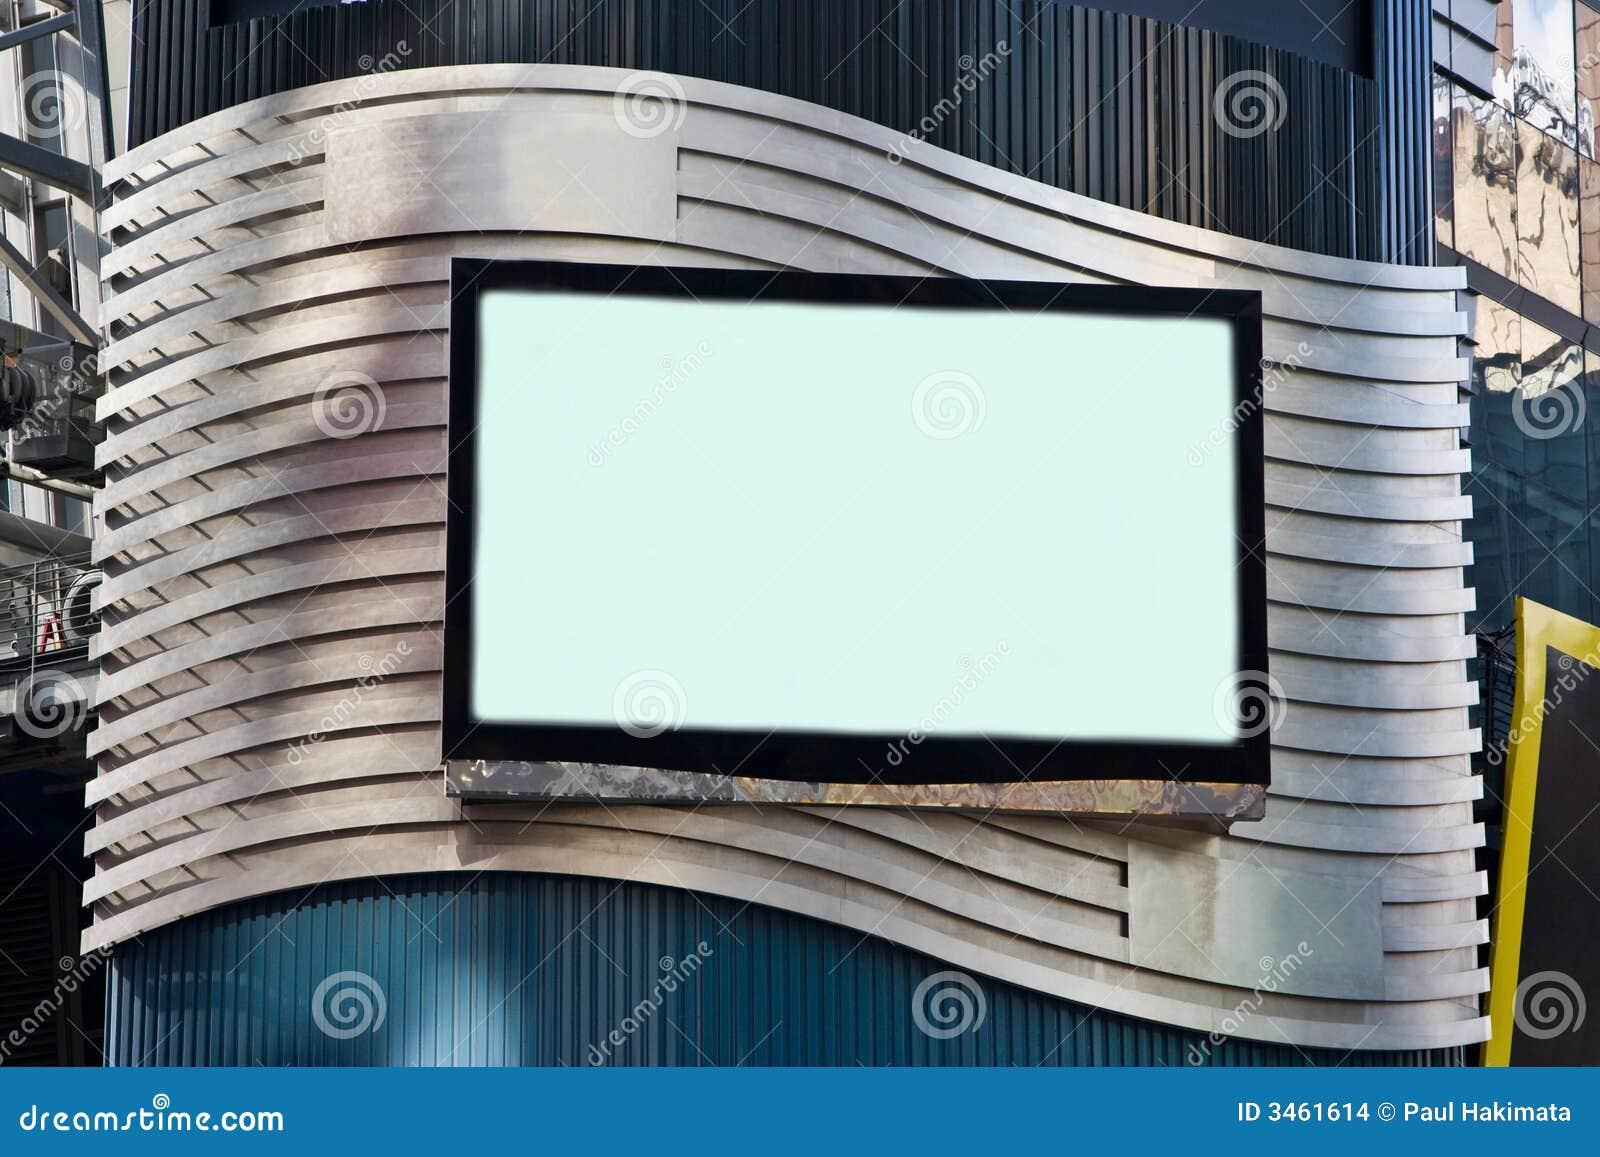 广告广告牌lcd电视